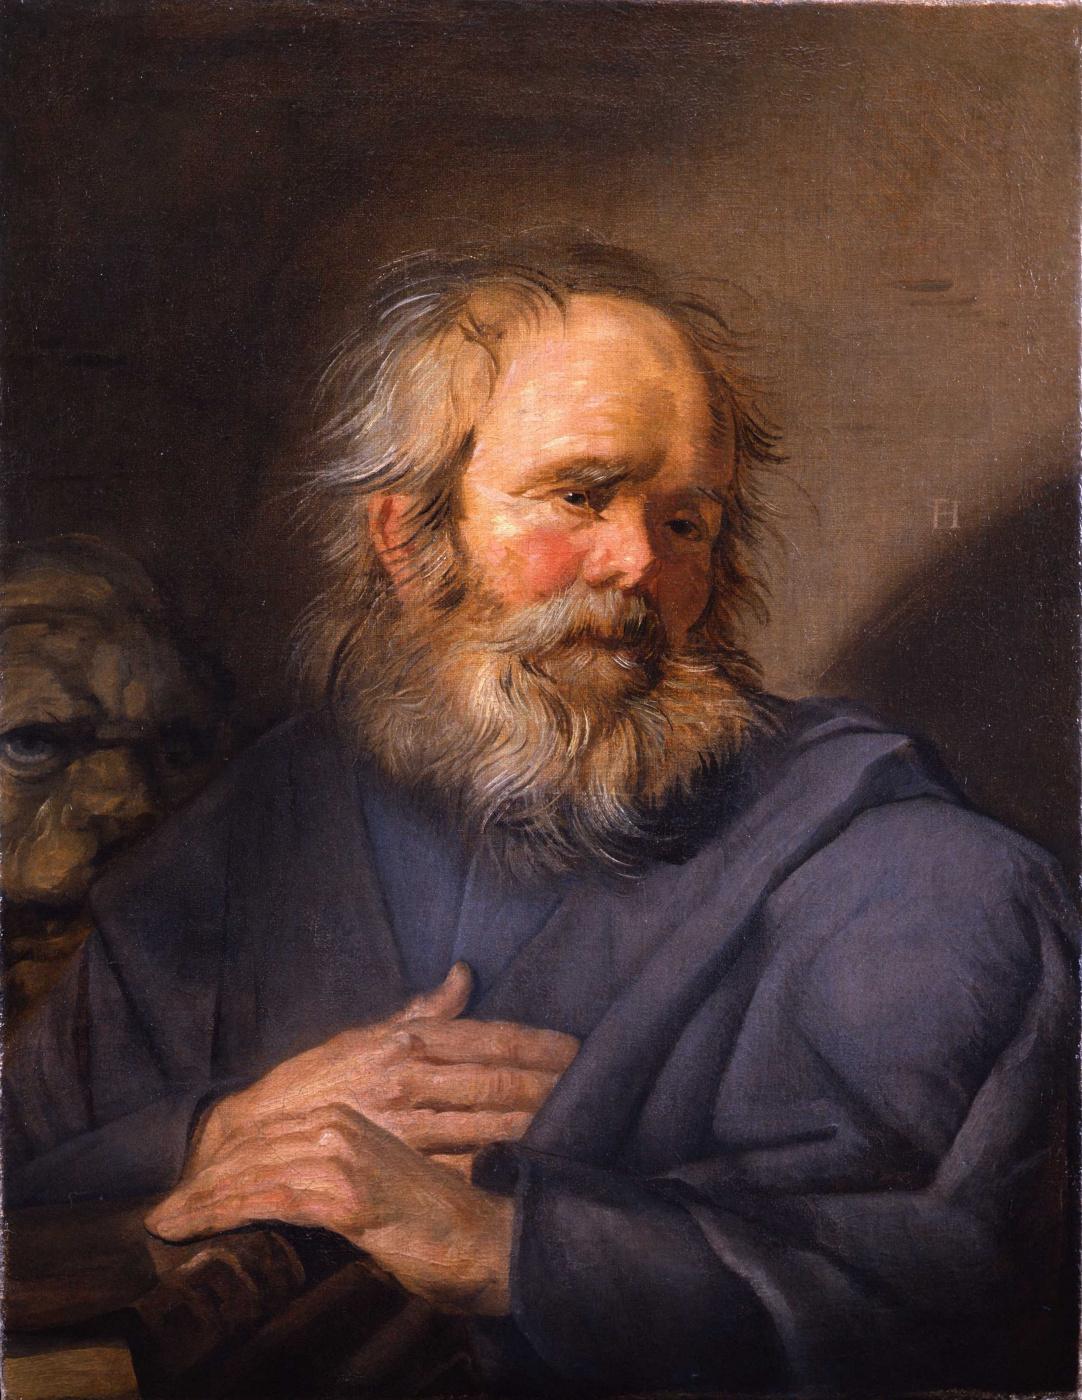 Frans Hals. Saint Mark